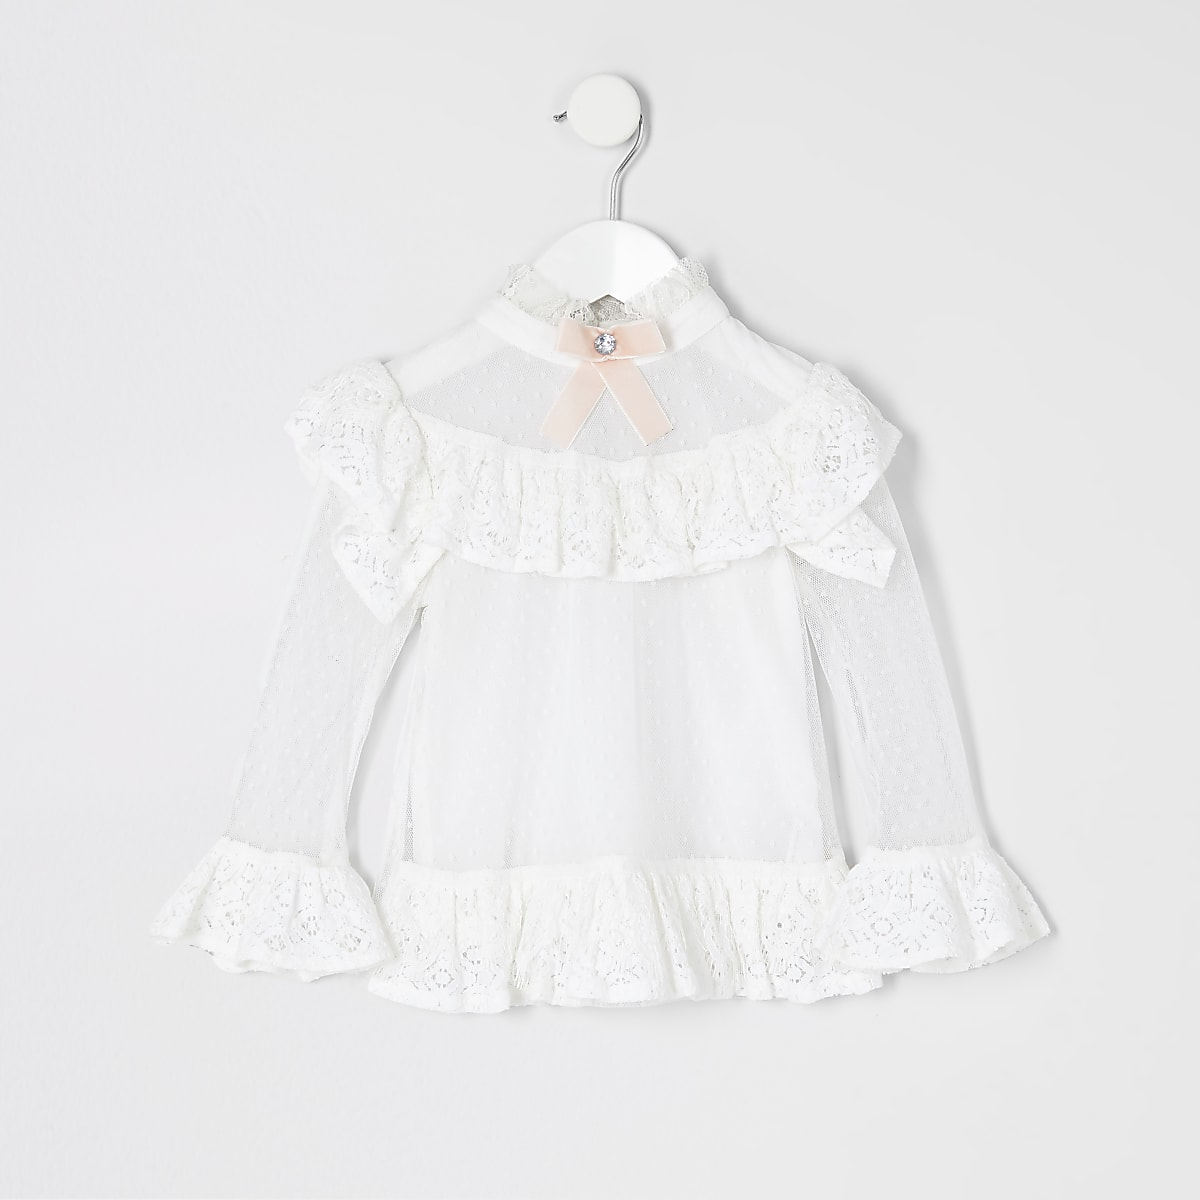 Mini - Witte blouse met kanten en strikkraag voor meisjes